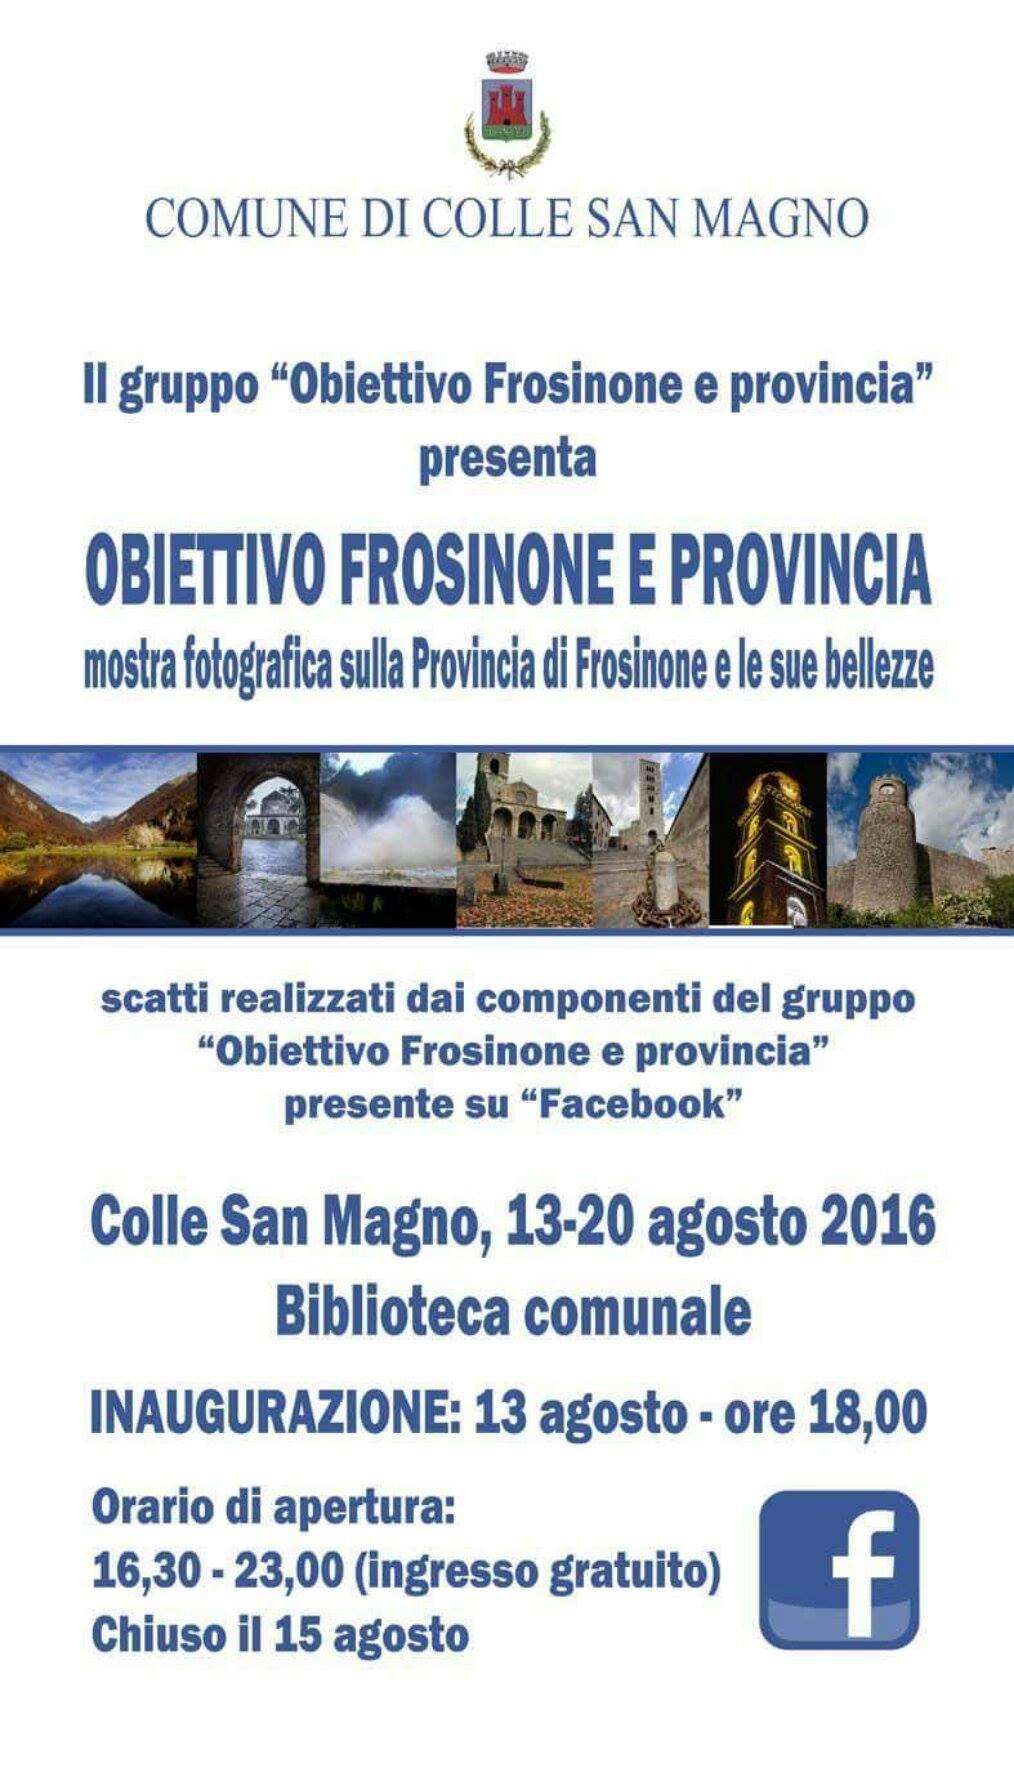 A Colle San Magno la mostra fotografica del gruppo Obiettivo Frosinone e provincia